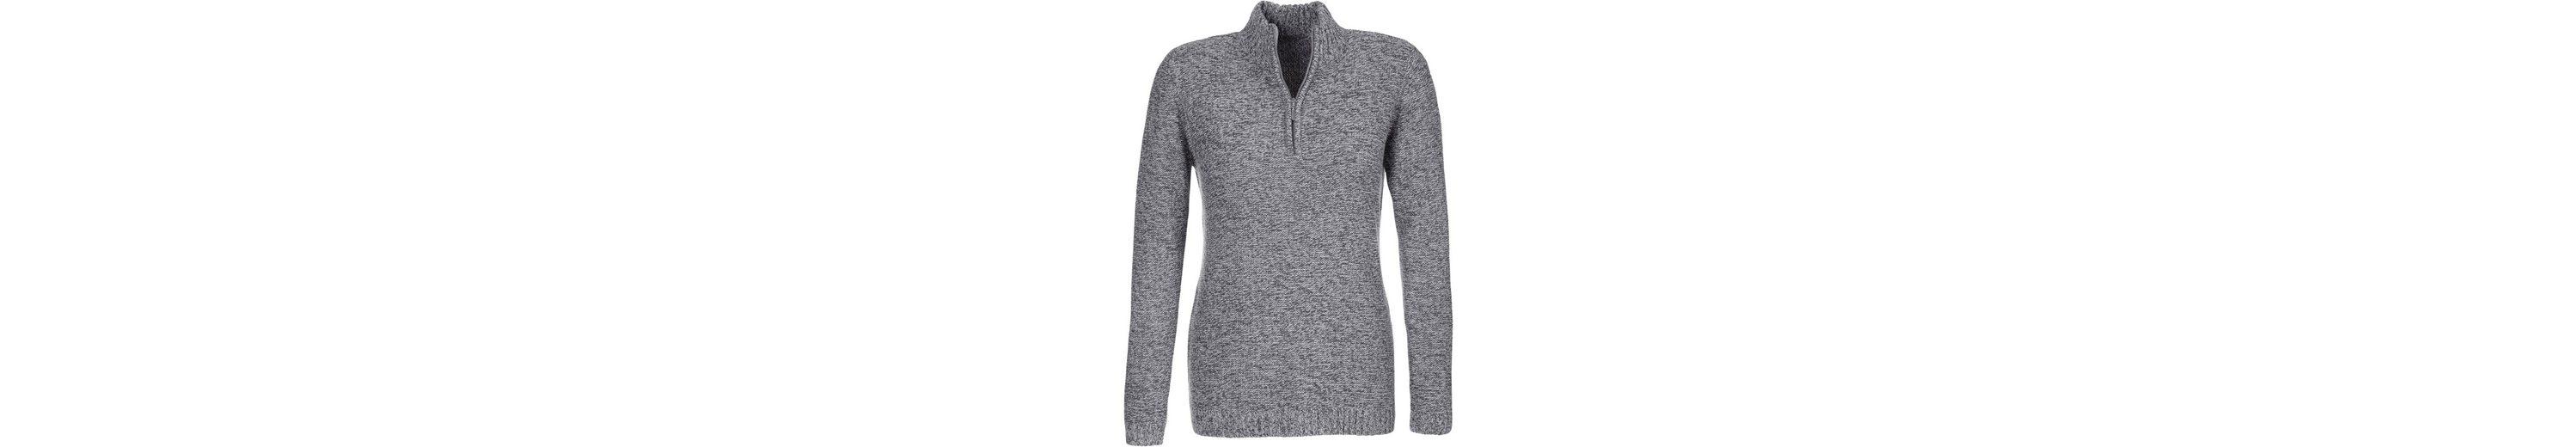 Classic Basics Pullover mit Reißverschluss mit silberfarbigem Anhänger Erscheinungsdaten Online Billig Offiziellen Zum Verkauf Großhandelspreis Zu Verkaufen Authentische Online Kaufen ZabMvm0